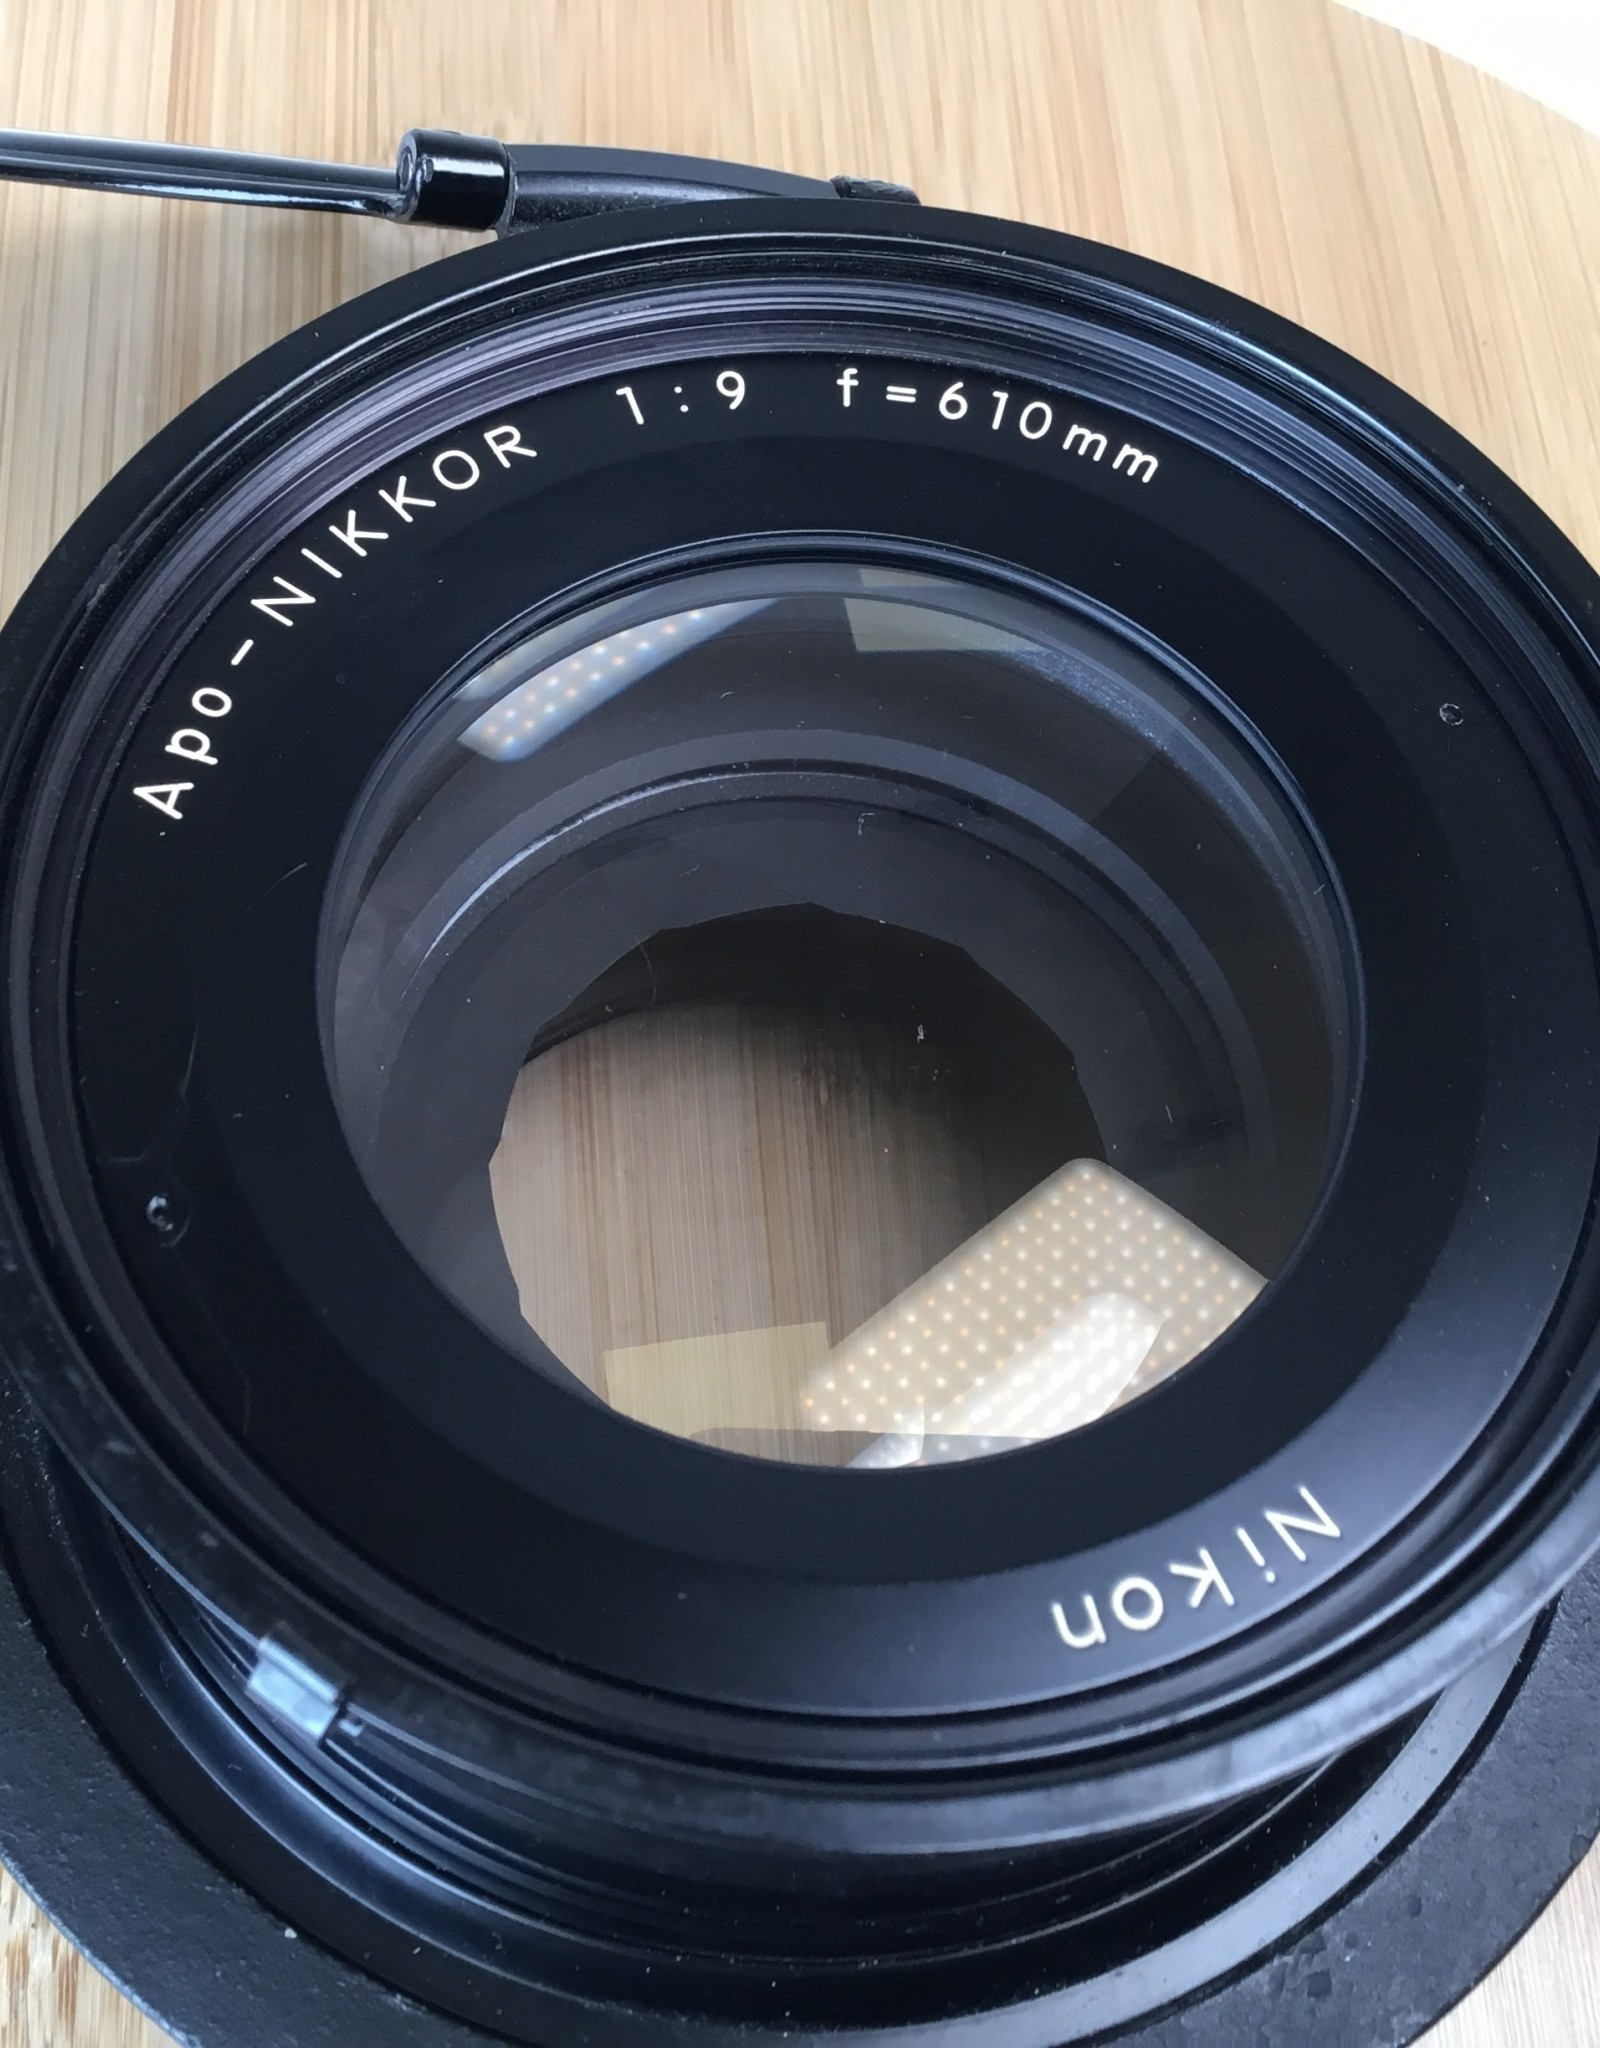 NIKON Nikon Apo-Nikkor 610mm f9 Lens with Mounting Ring used EX